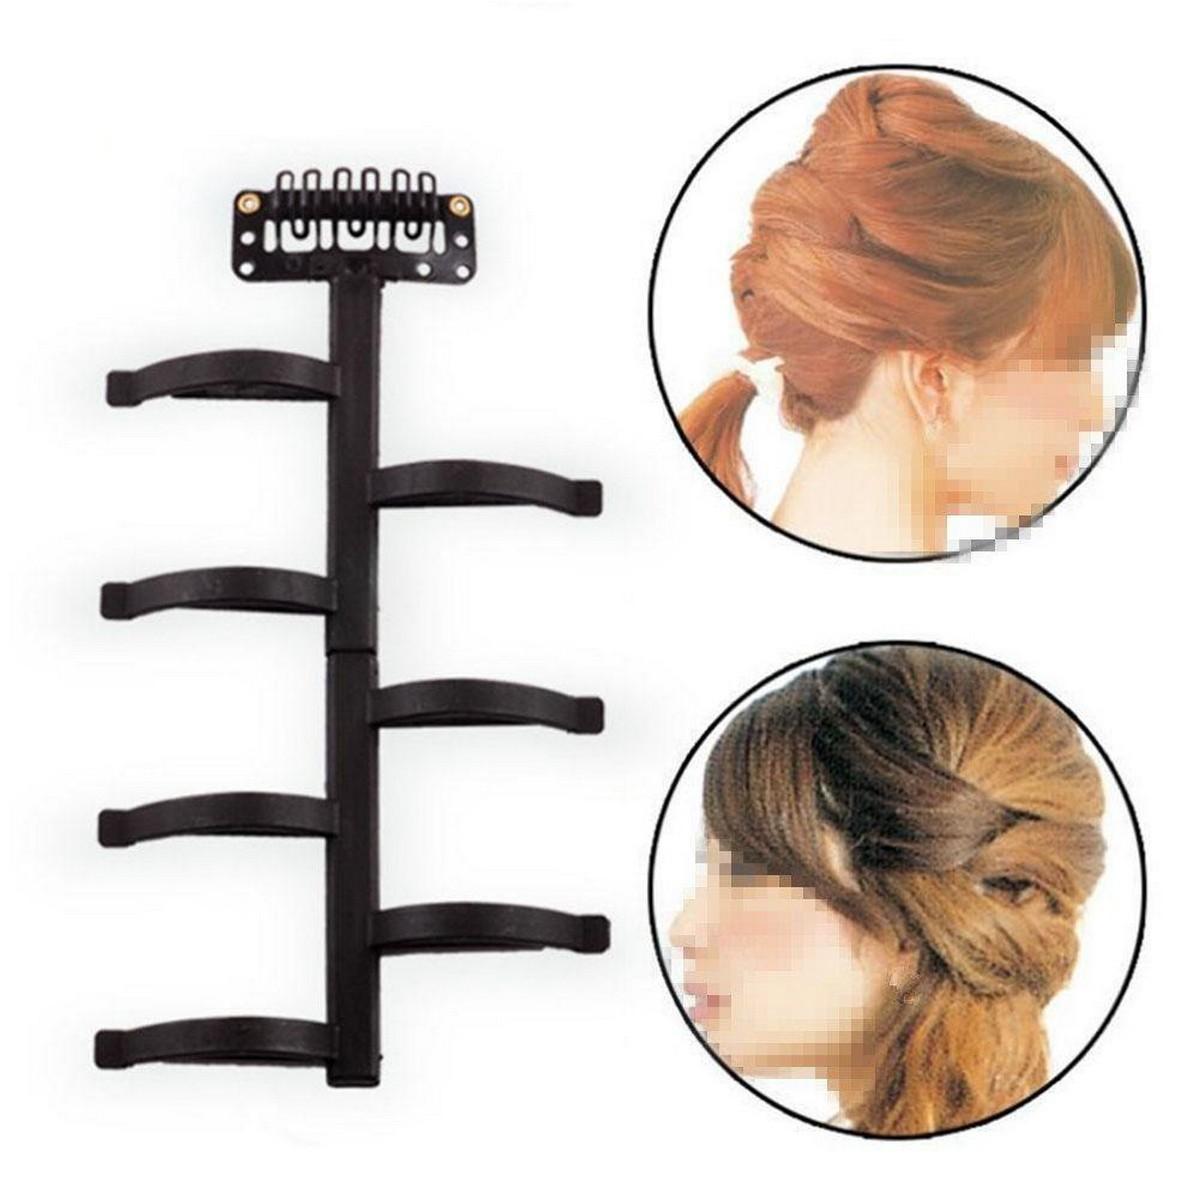 Magic French Lady Women Hair Braiding Tool Weave Braid Roller Hair Twist Styling Clip Bun Maker DIY Hair Band Accessories